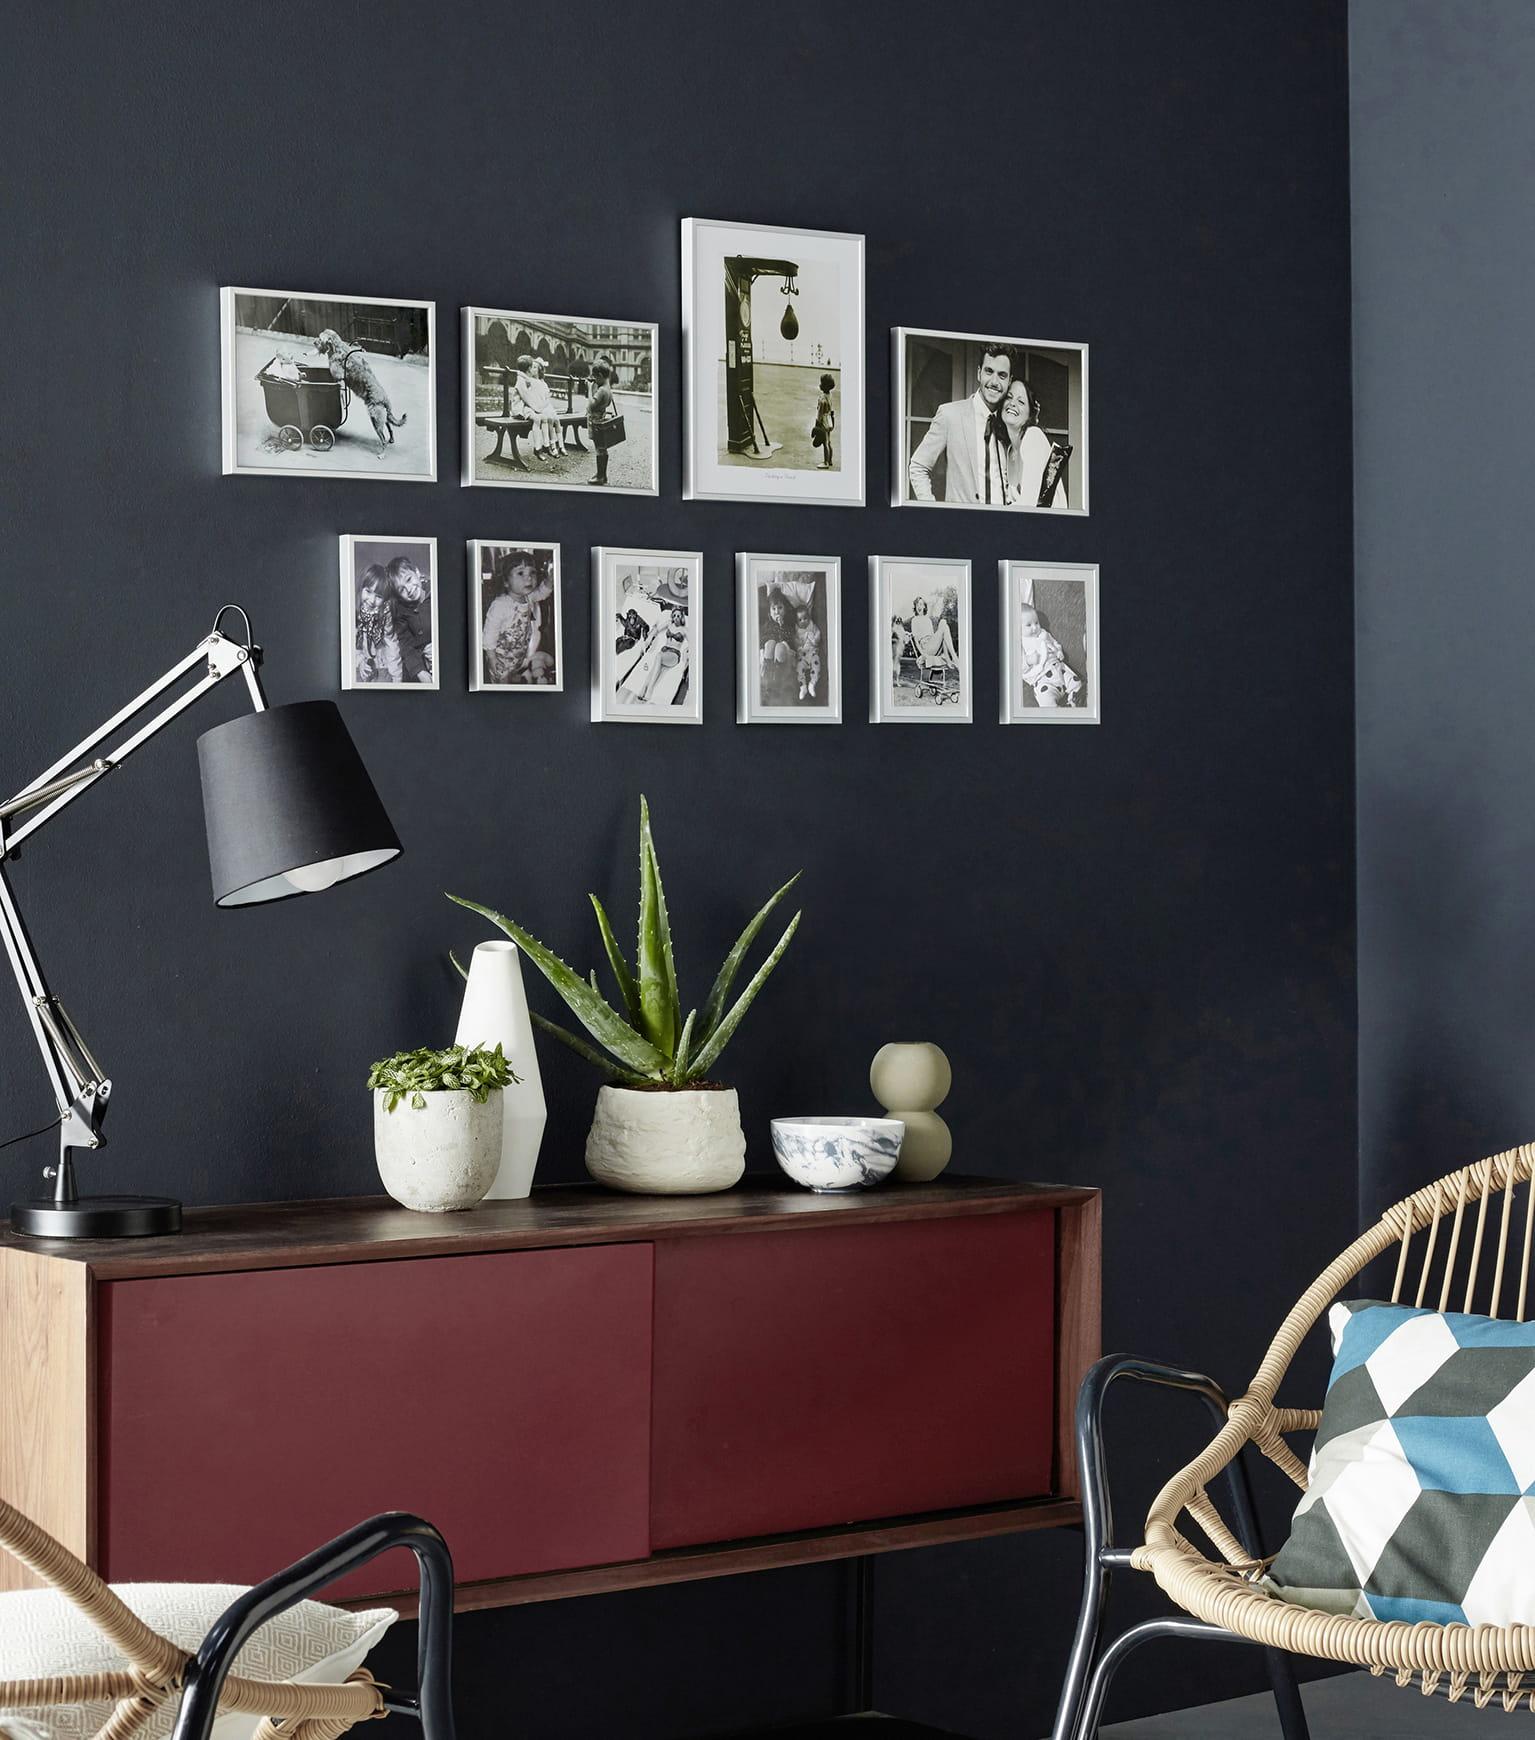 les bonnes astuces pour clairer une pi ce sombre. Black Bedroom Furniture Sets. Home Design Ideas